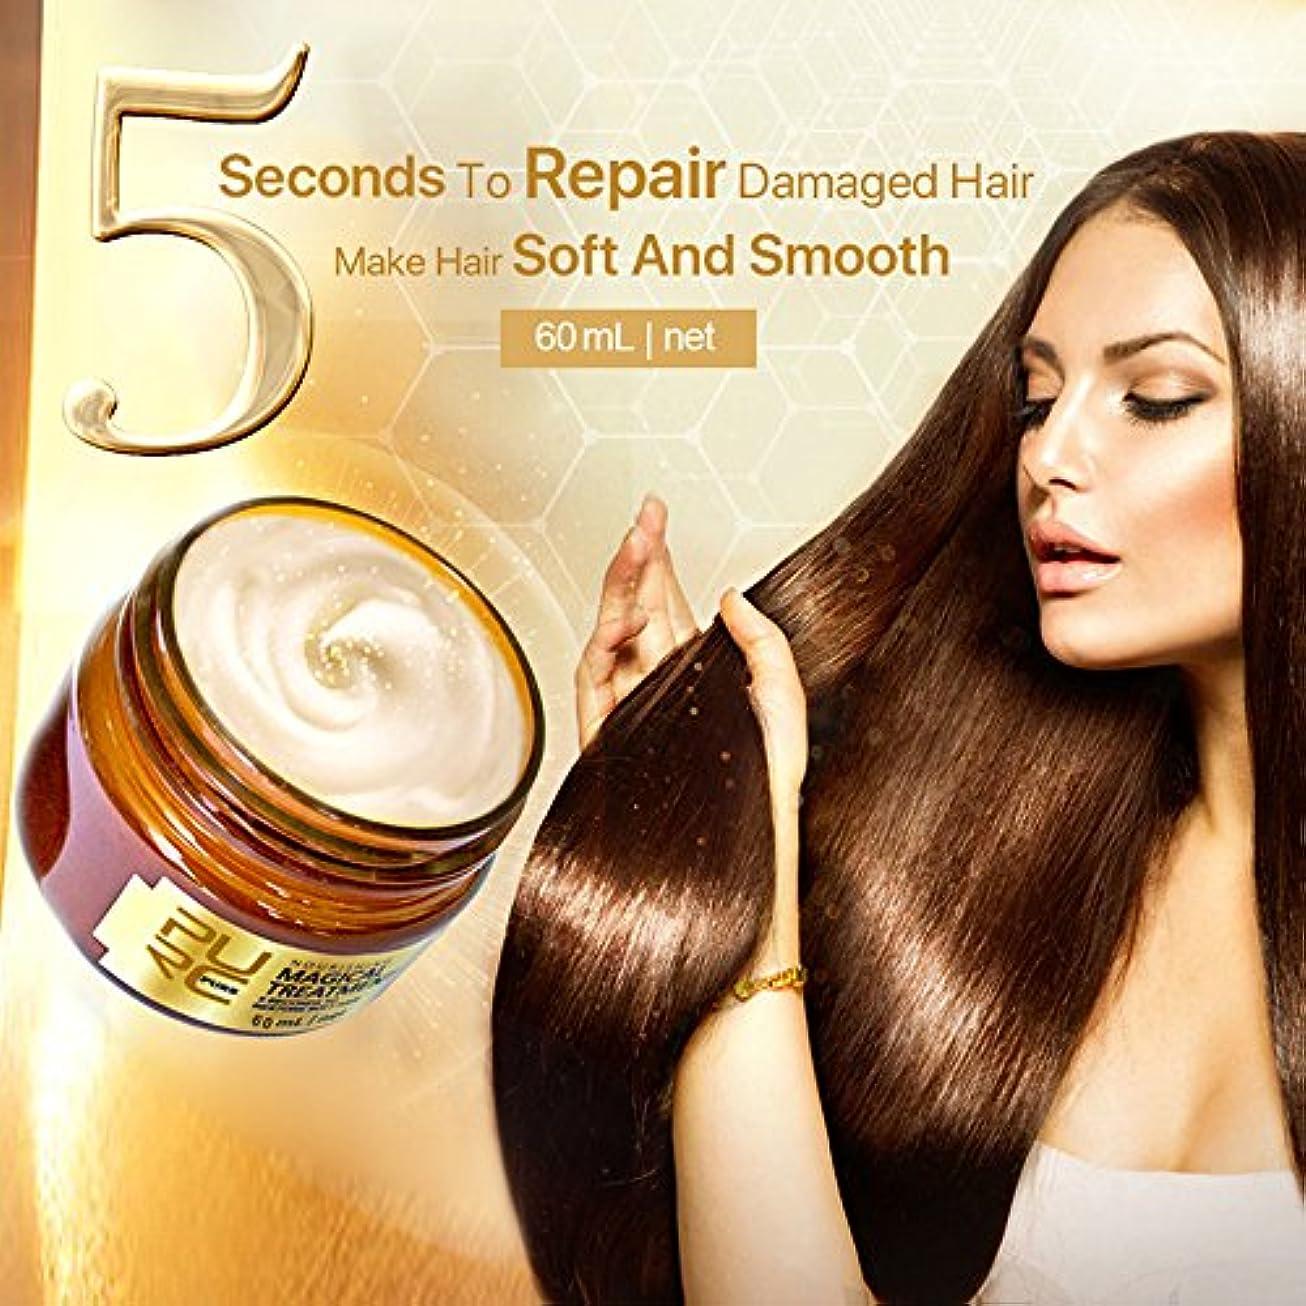 欲しいです風変わりな感じディープリペア軟膏ヘアマスク 高度な分子 毛根治療の回復 魔法のヘアマスクは コンディショナー ヘアケアコンディショ すべての髪のタイプのケラチンヘアの柔らかい髪を復元します (60ML)